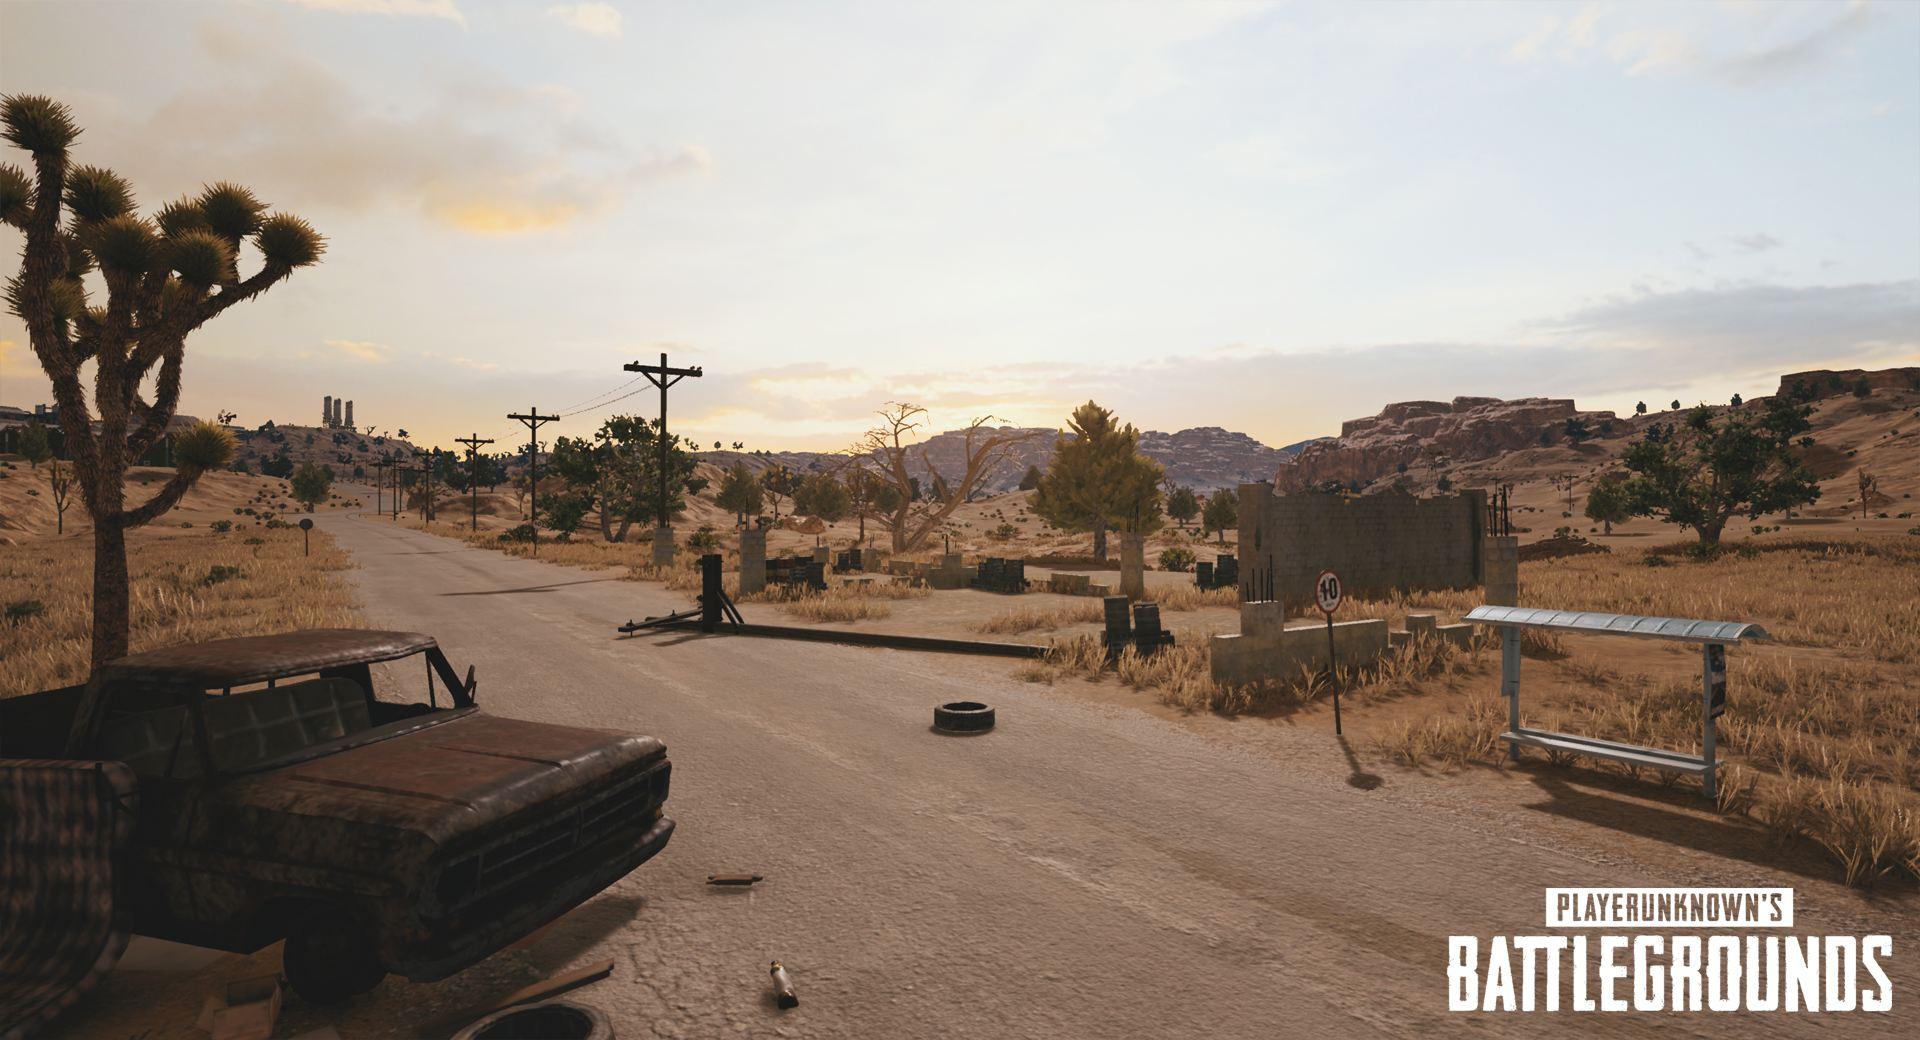 PlayerUnknown's Battlegrounds - пустынная карта - PlayerUnknown's Battlegrounds Арт